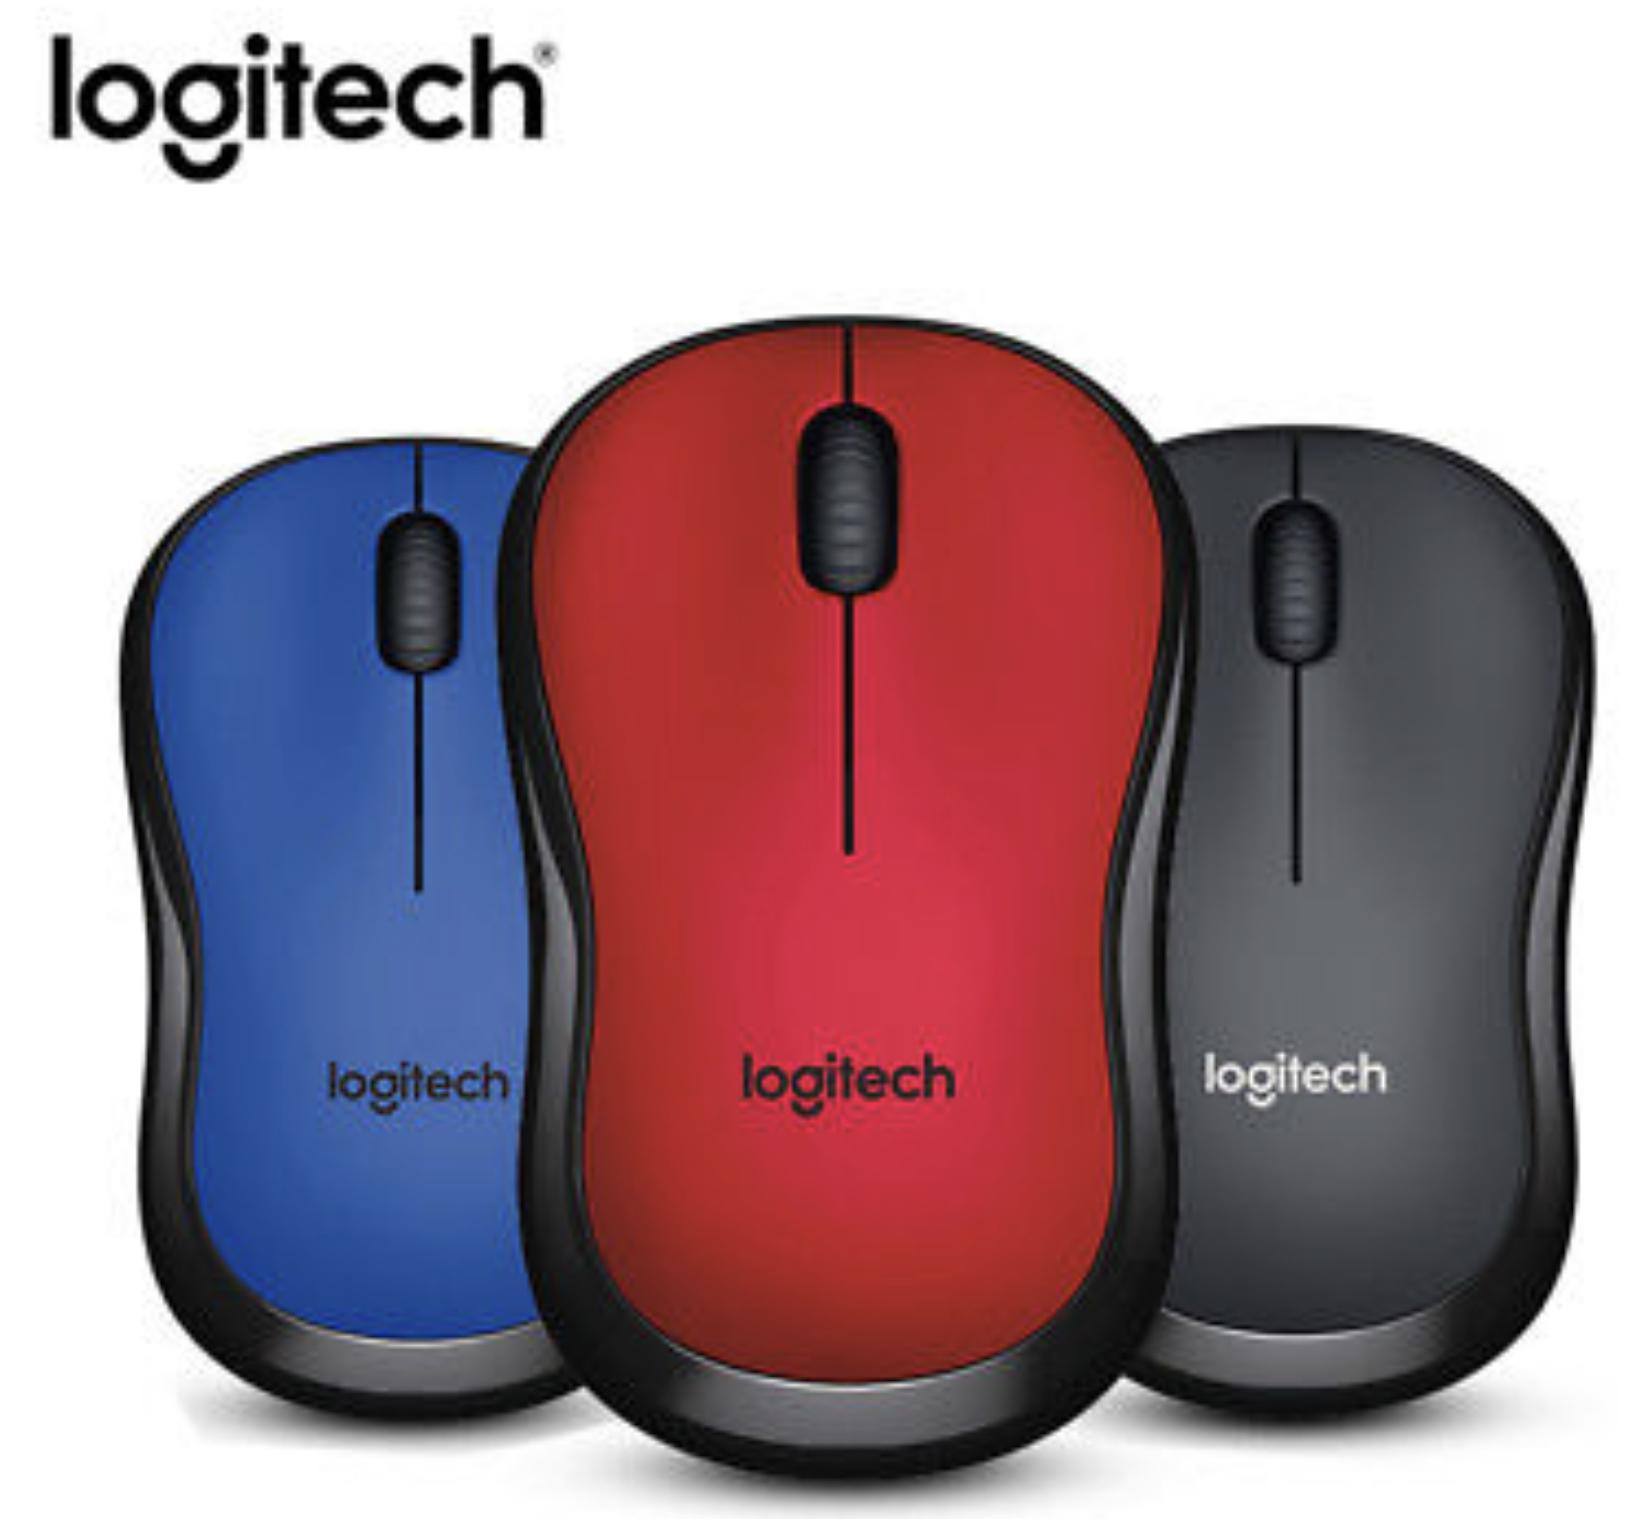 Logitech M220 Silent - kabellose geräuschlose Maus optischer Laser ohne Klickgeräusche beidhändig in 3 Farben für je 9,99€ mit Prime